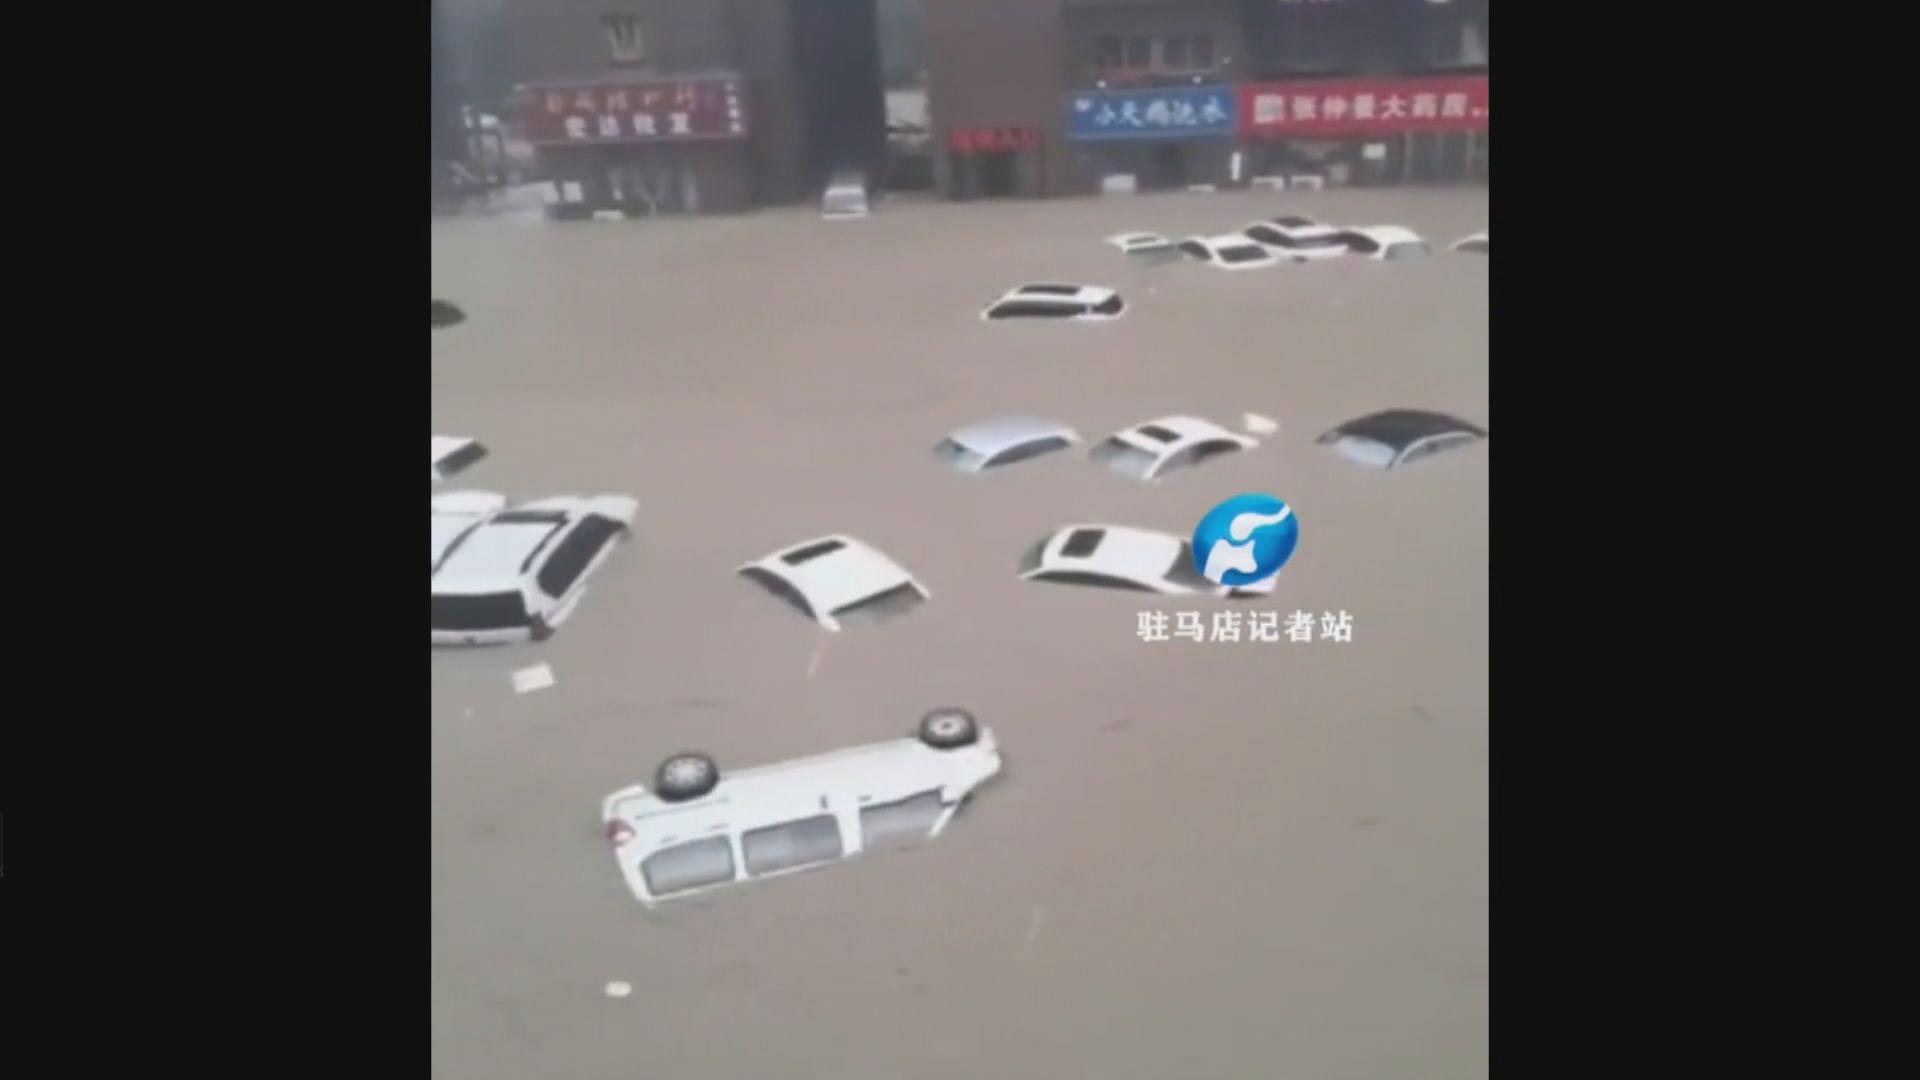 【河南暴雨】內險暫錄逾1.6萬宗車險報案